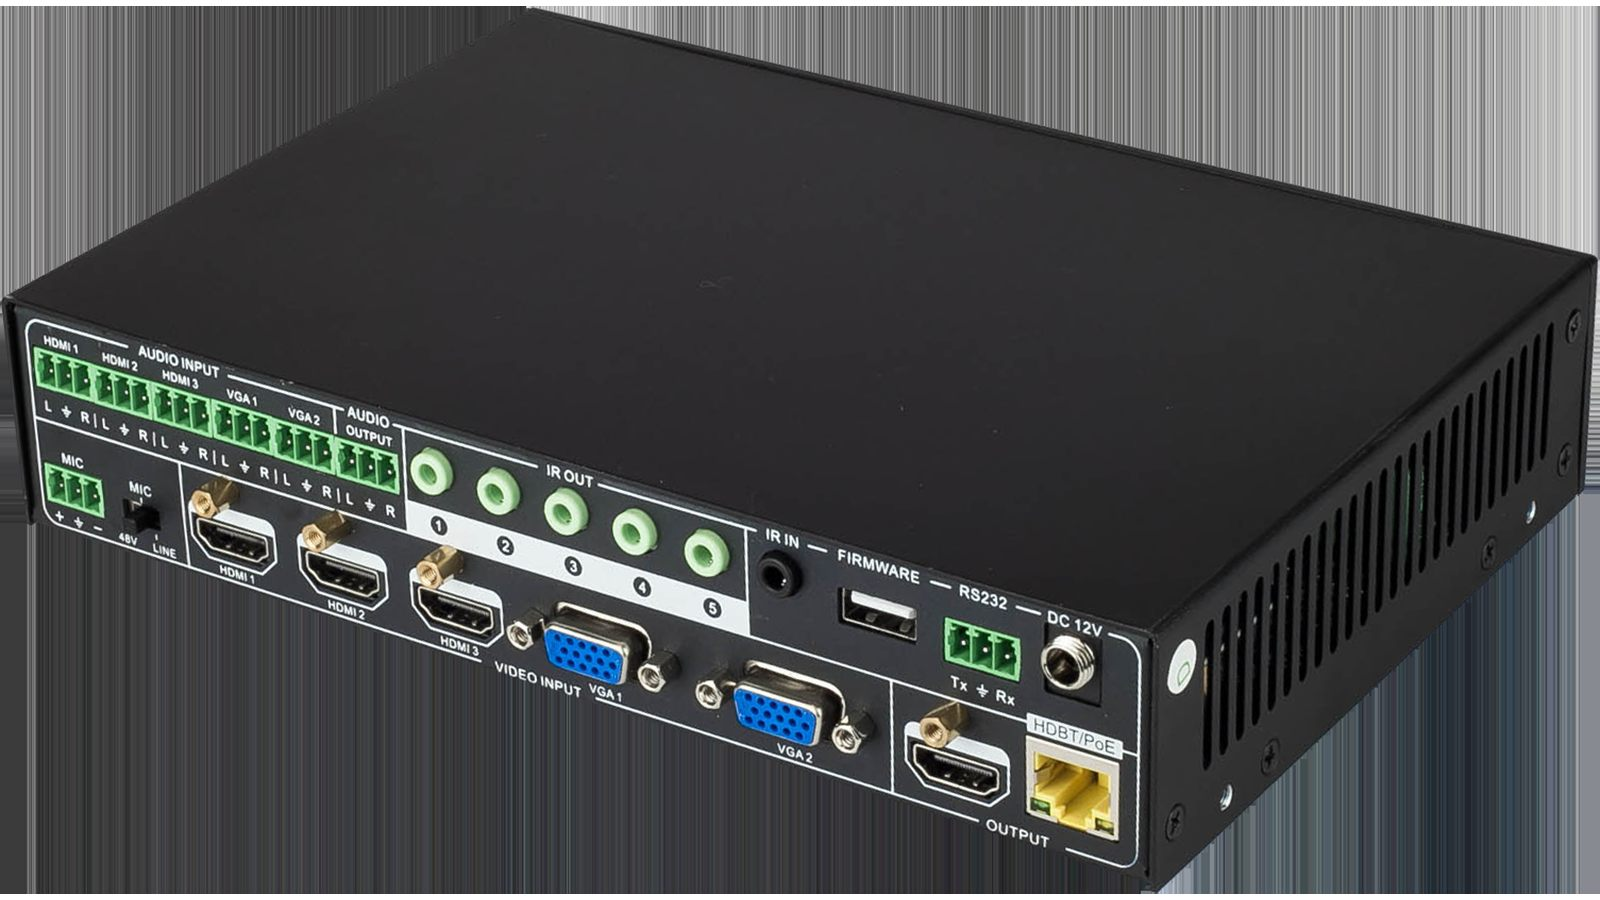 Mobile De Lit Bébé De Luxe Digi P52 Bstk Presentation Switcher 5 Input X 2 Output